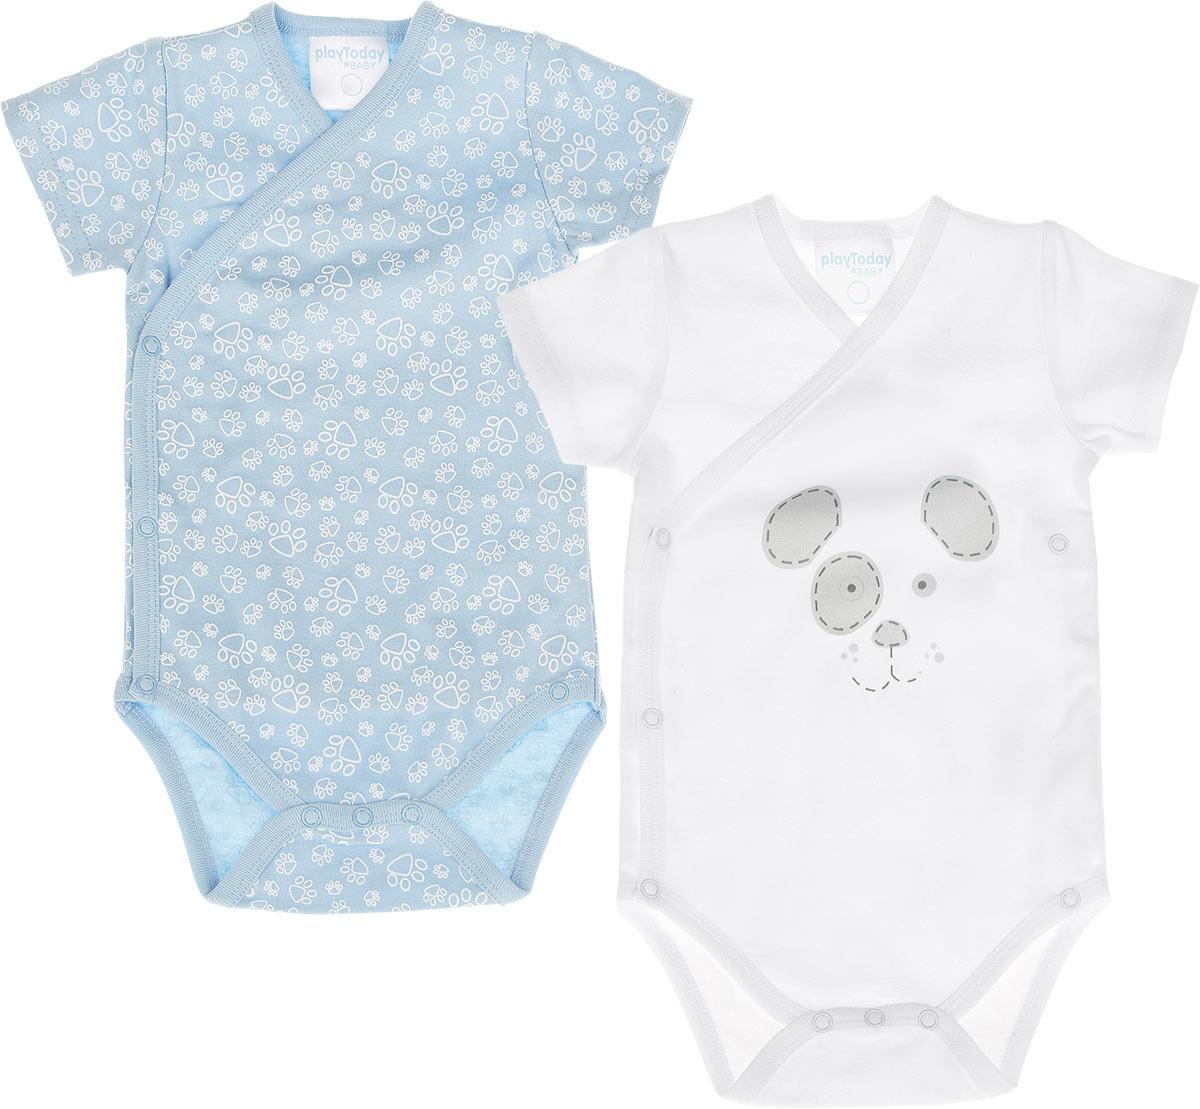 Боди-кимоно для мальчика, 2 шт. 357813357813Боди-кимоно для мальчика PlayToday Baby идеально подойдет вашему малышу. Изготовленное из натурального хлопка, оно необычайно мягкое и легкое, не раздражает нежную кожу ребенка и хорошо вентилируется, а эластичные швы приятны телу малыша и не препятствуют его движениям. Боди с короткими рукавами и V-образным вырезом горловины имеет удобные застежки-кнопки по принципу кимоно и кнопки на ластовице, которые помогают легко переодеть ребенка и сменить подгузник. В комплект входят два боди, одно из которых оформлено принтом с изображением мордочки песика, а второе - принтом с мелким изображением лап по всей поверхности. Боди полностью соответствуют особенностям жизни малыша в ранний период, не стесняя и не ограничивая его в движениях!